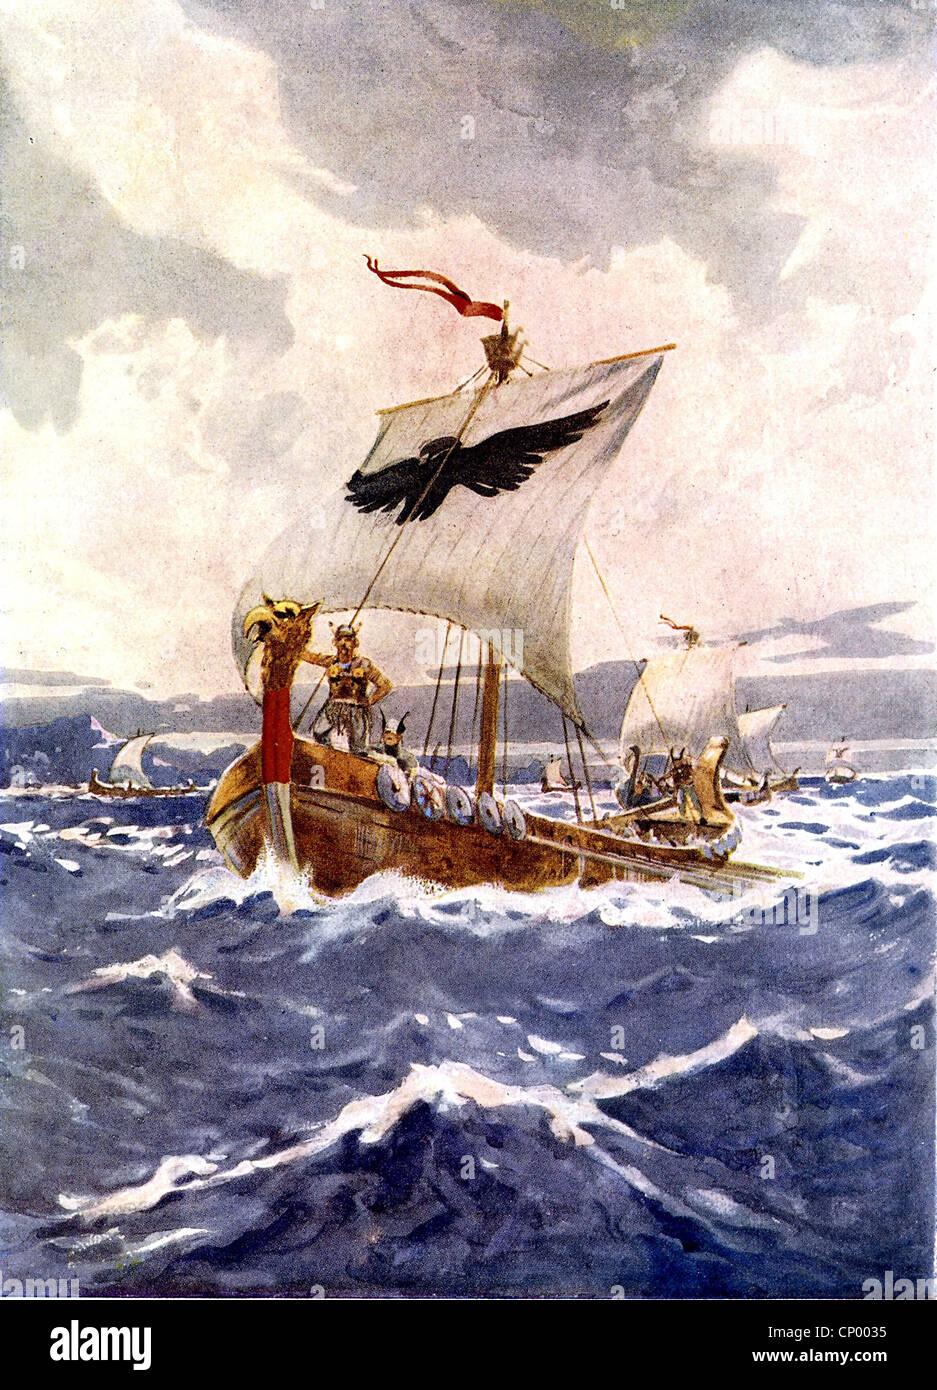 Medioevo, vichinghi, Viking Ship, vela, dipinto da Arch Webb, storico, storico, navi, barca, sul mare Immagini Stock